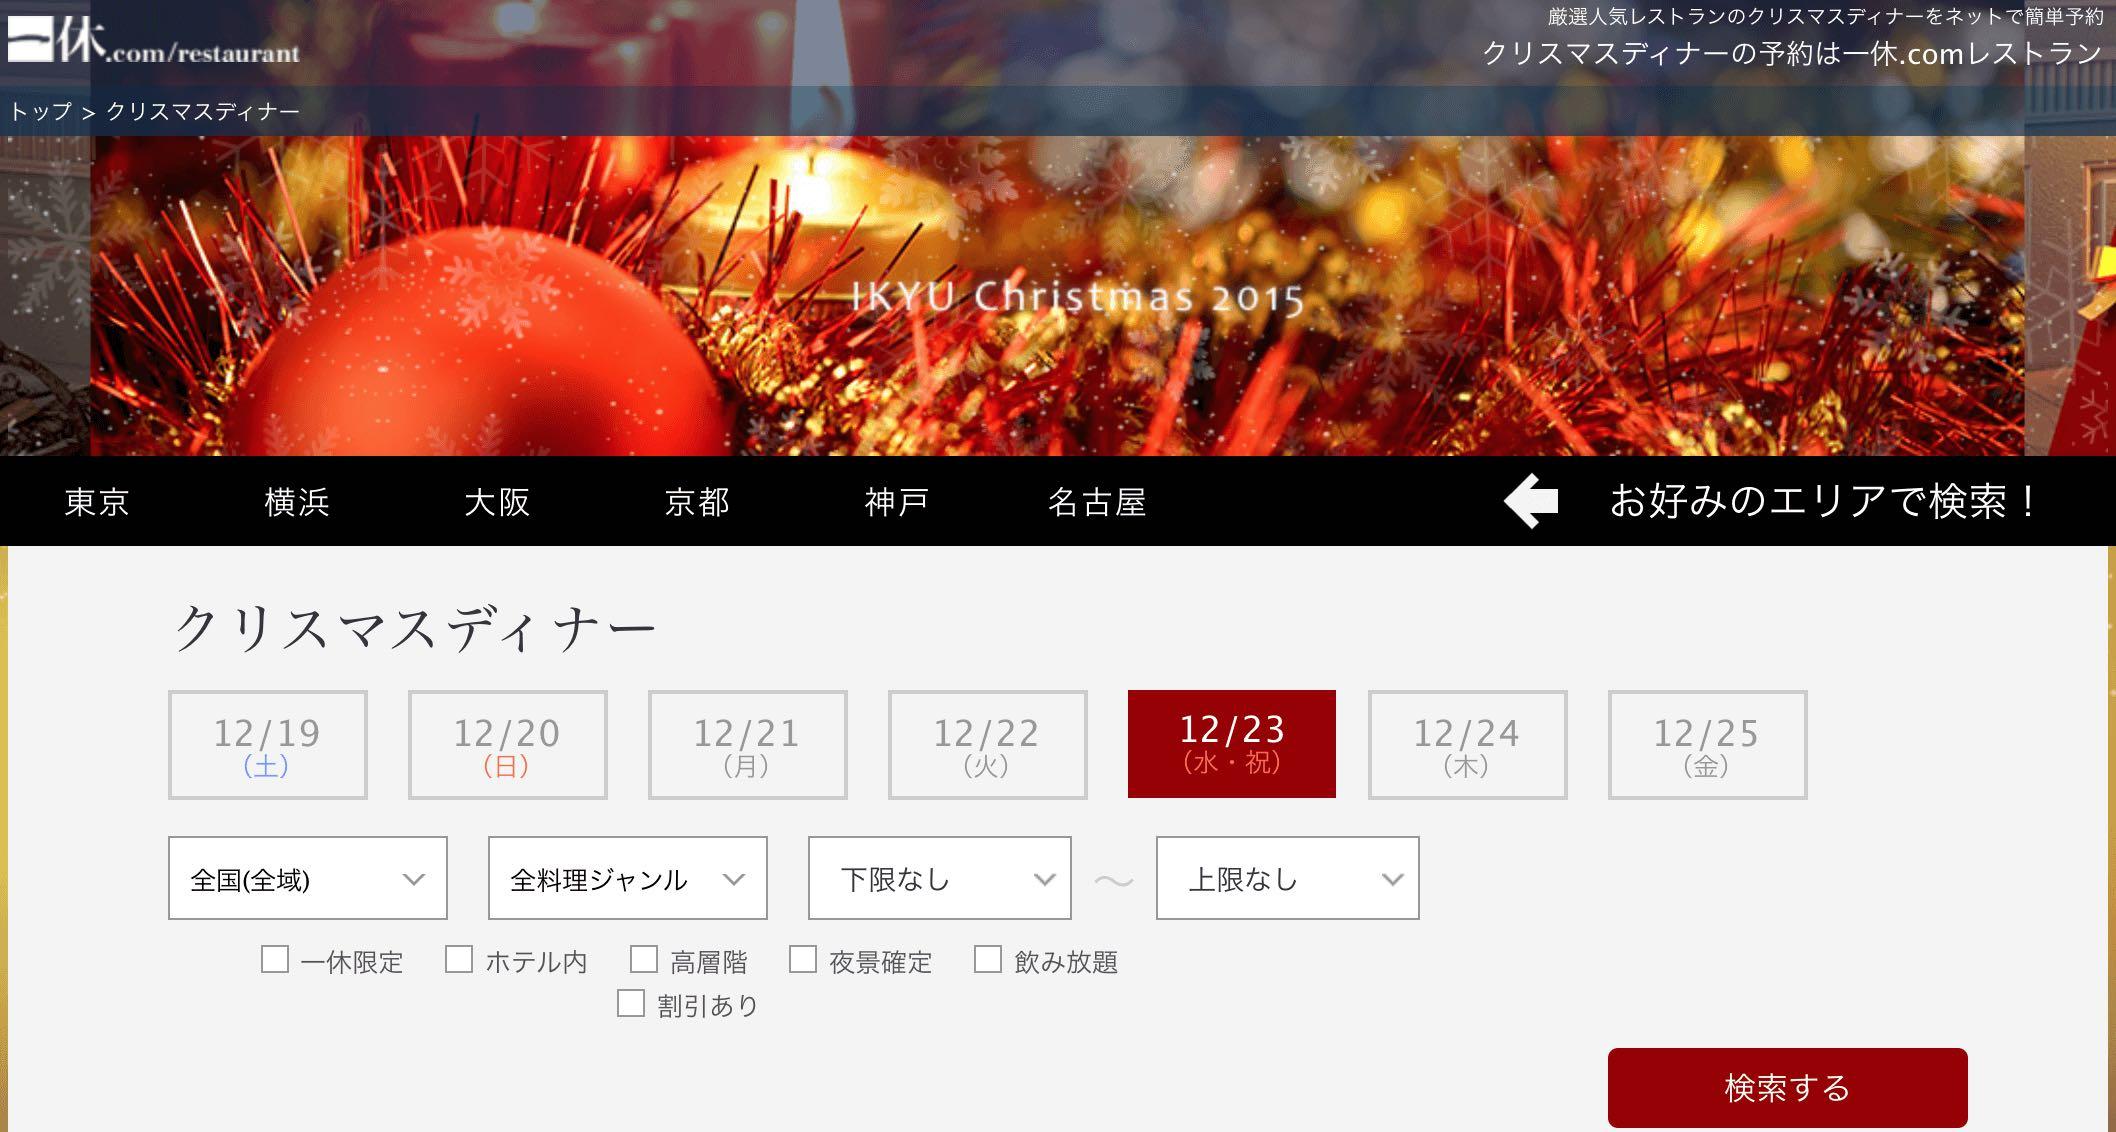 一休.comクリスマスレストラン予約サイトより:http://restaurant.ikyu.com/rsspcl/sp/xmas/